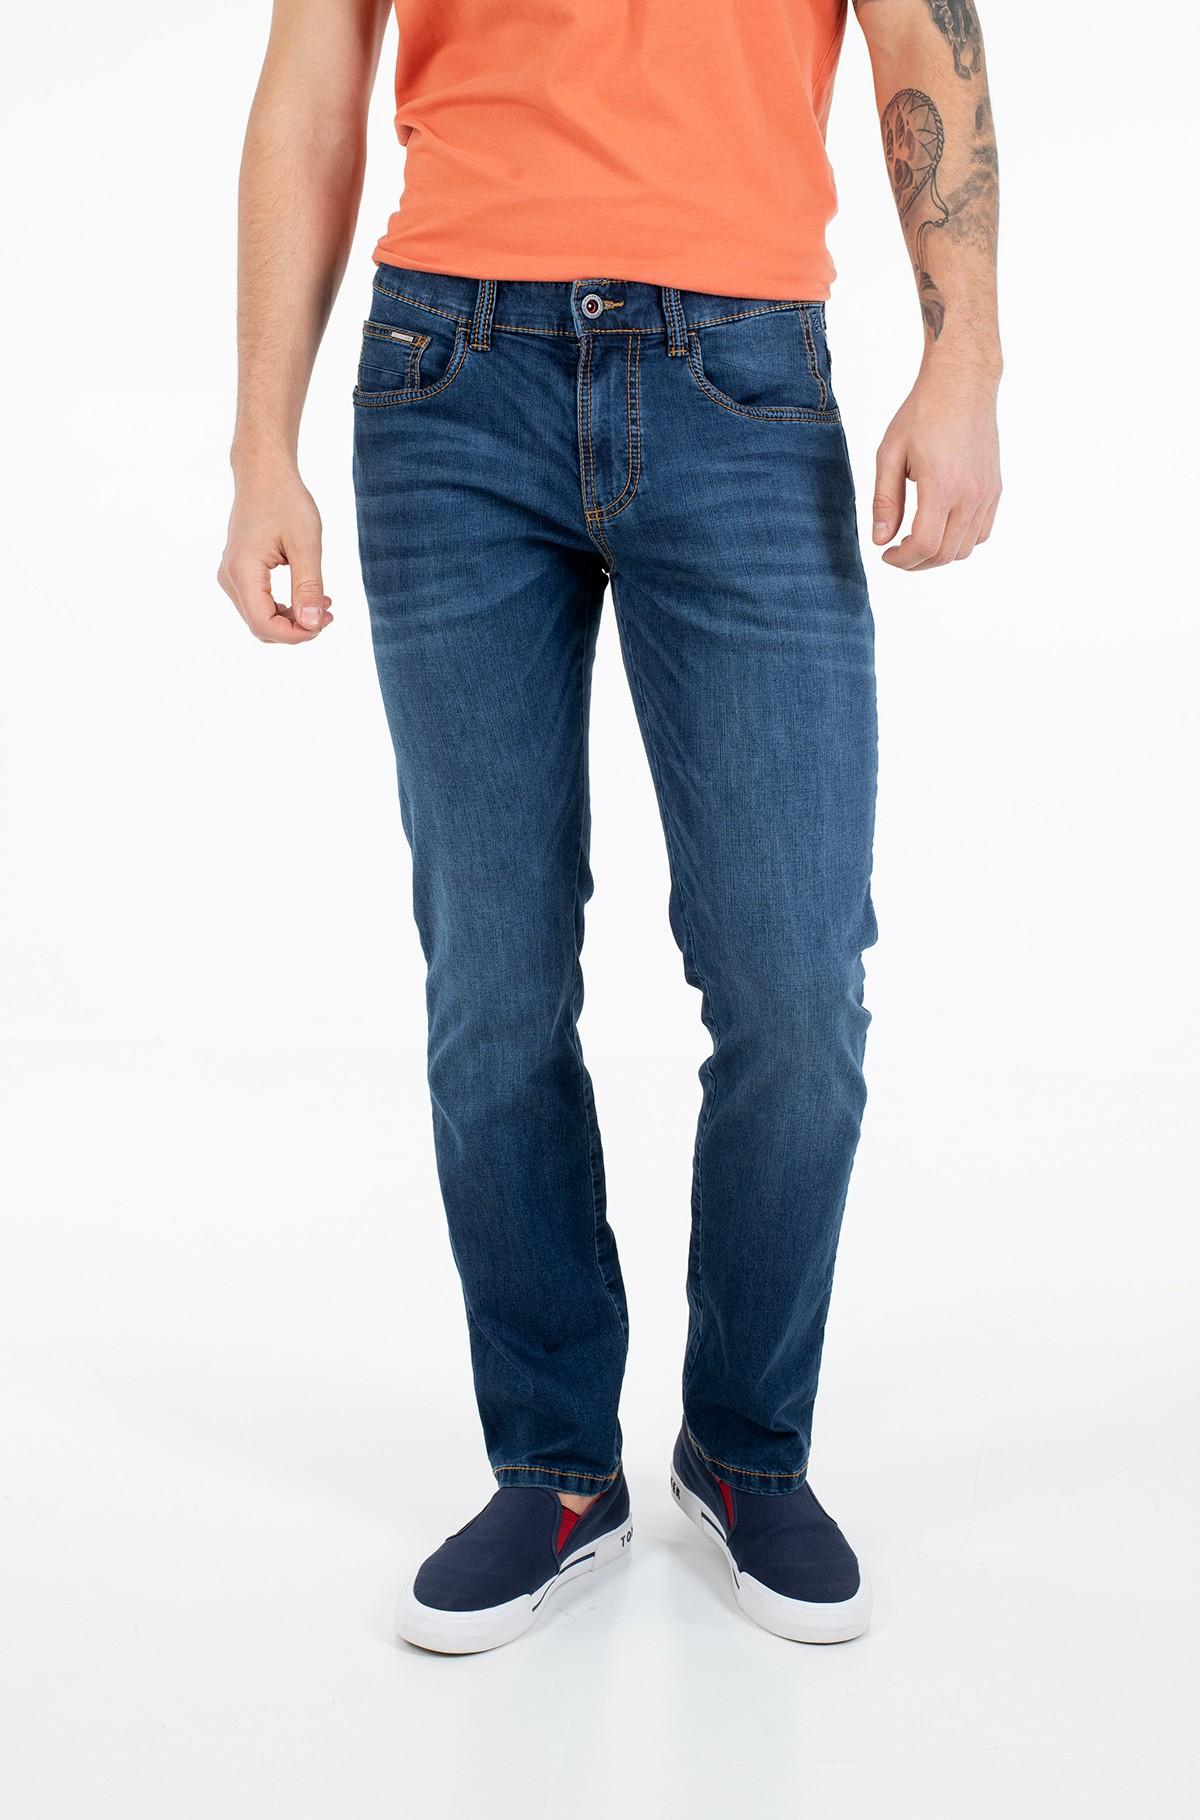 Jeans 488945/3862-full-1